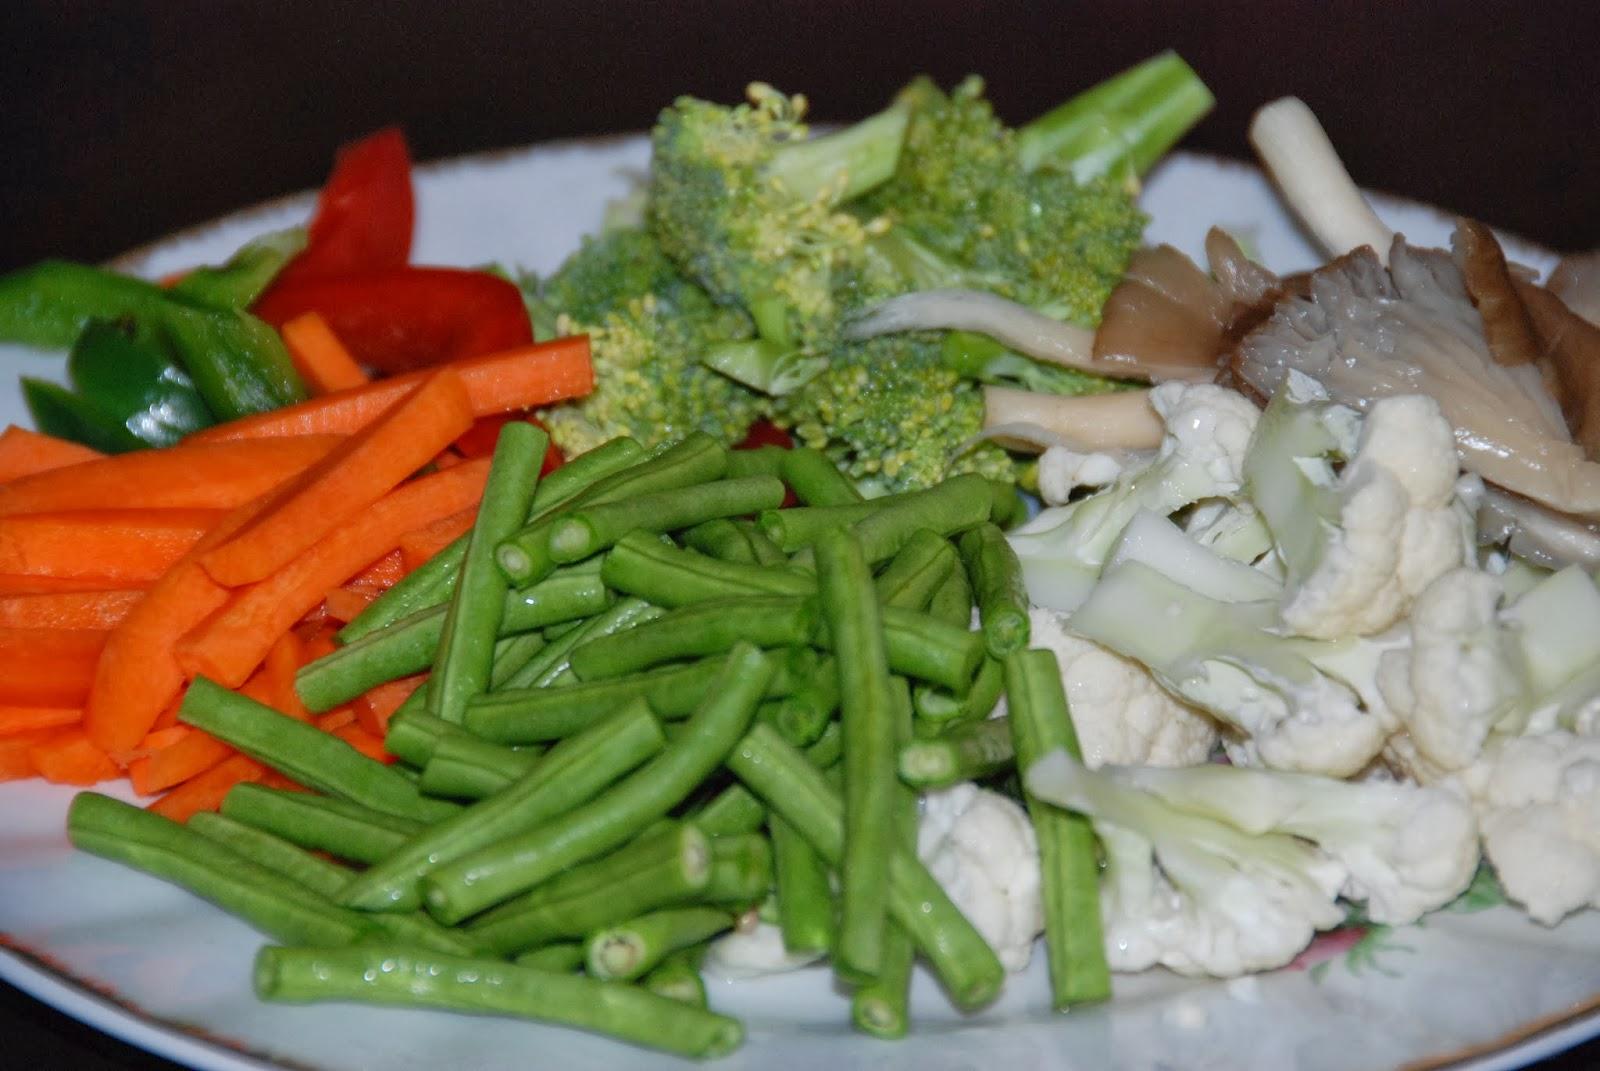 Tips dan Cara Masak Brokoli Agar Rasanya Renyah, Tidak Pahit dan Kandungan Gizinya tidak terbuang